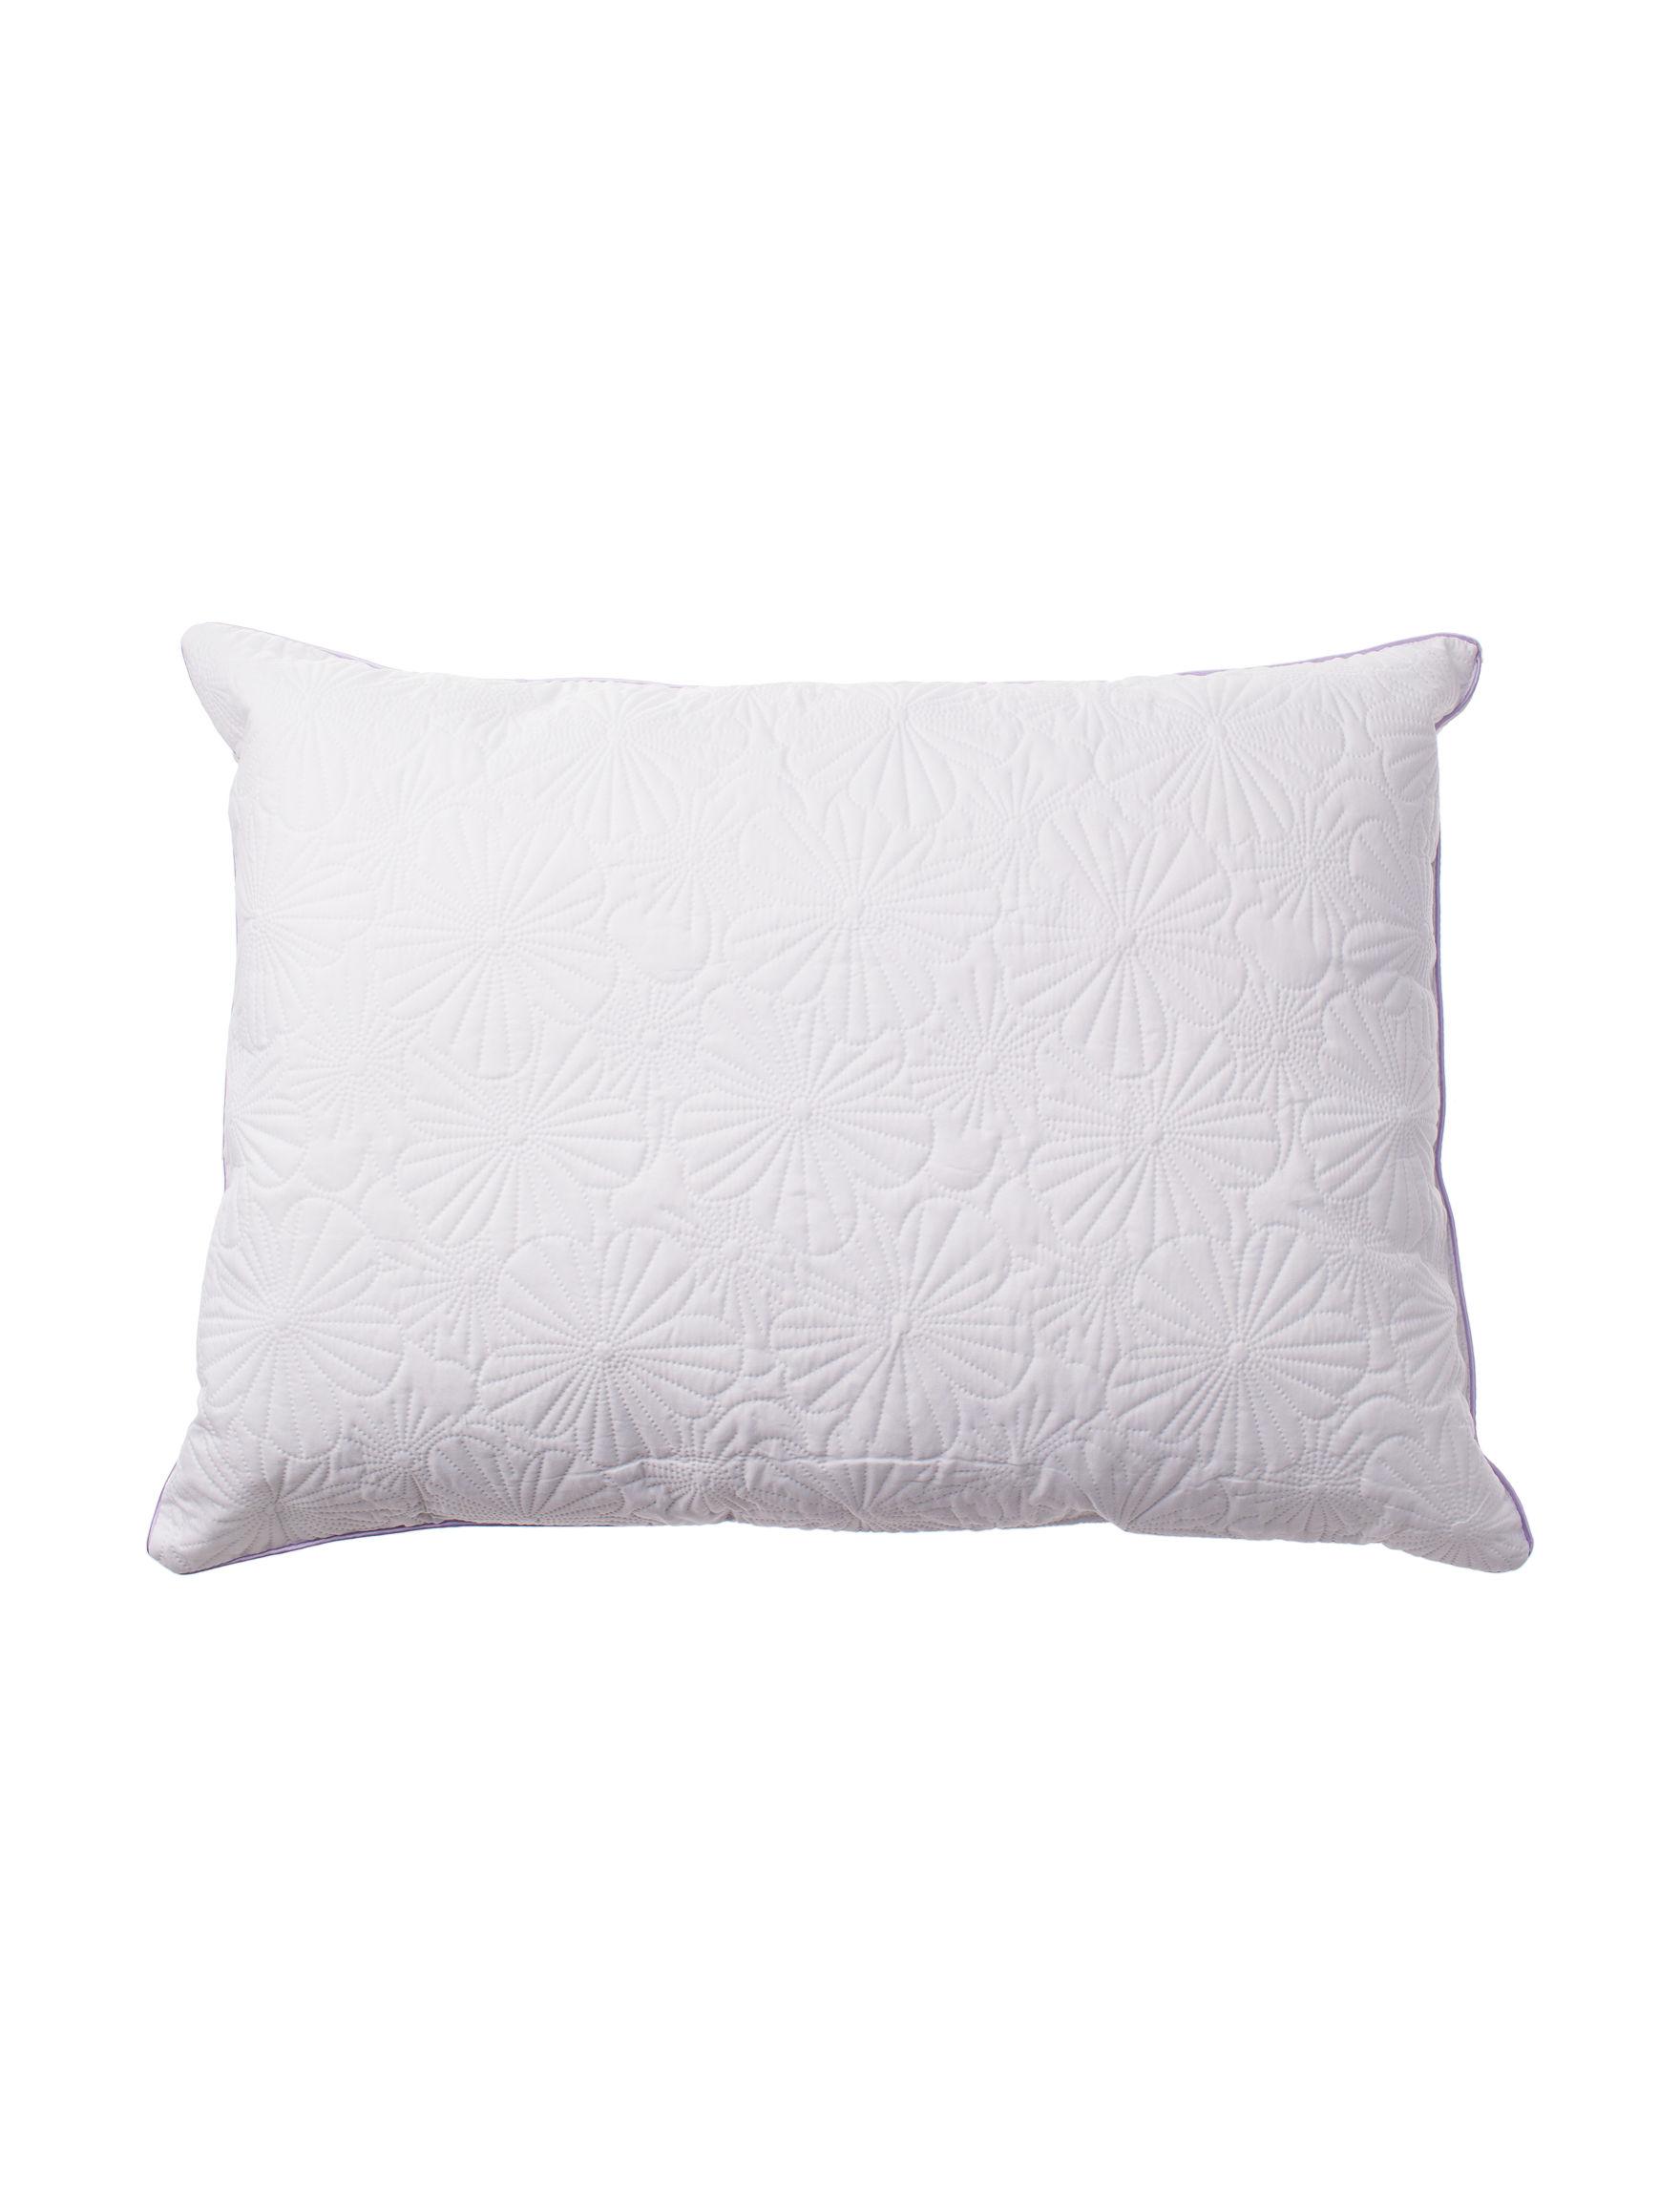 Springmaid White Bed Pillows